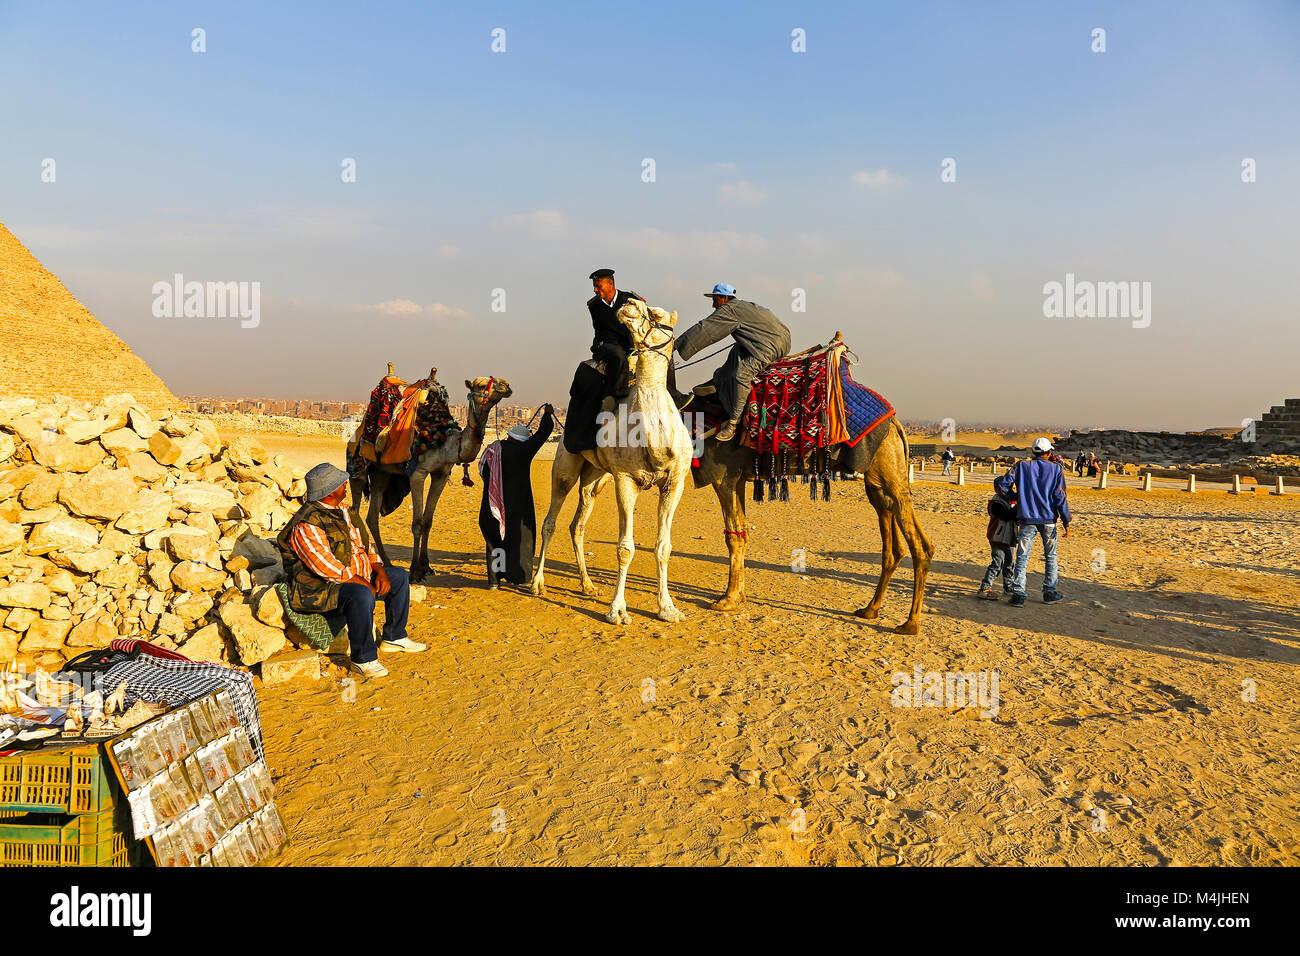 Pyramiden, Giza, Ägypten, Nordafrika Stockbild